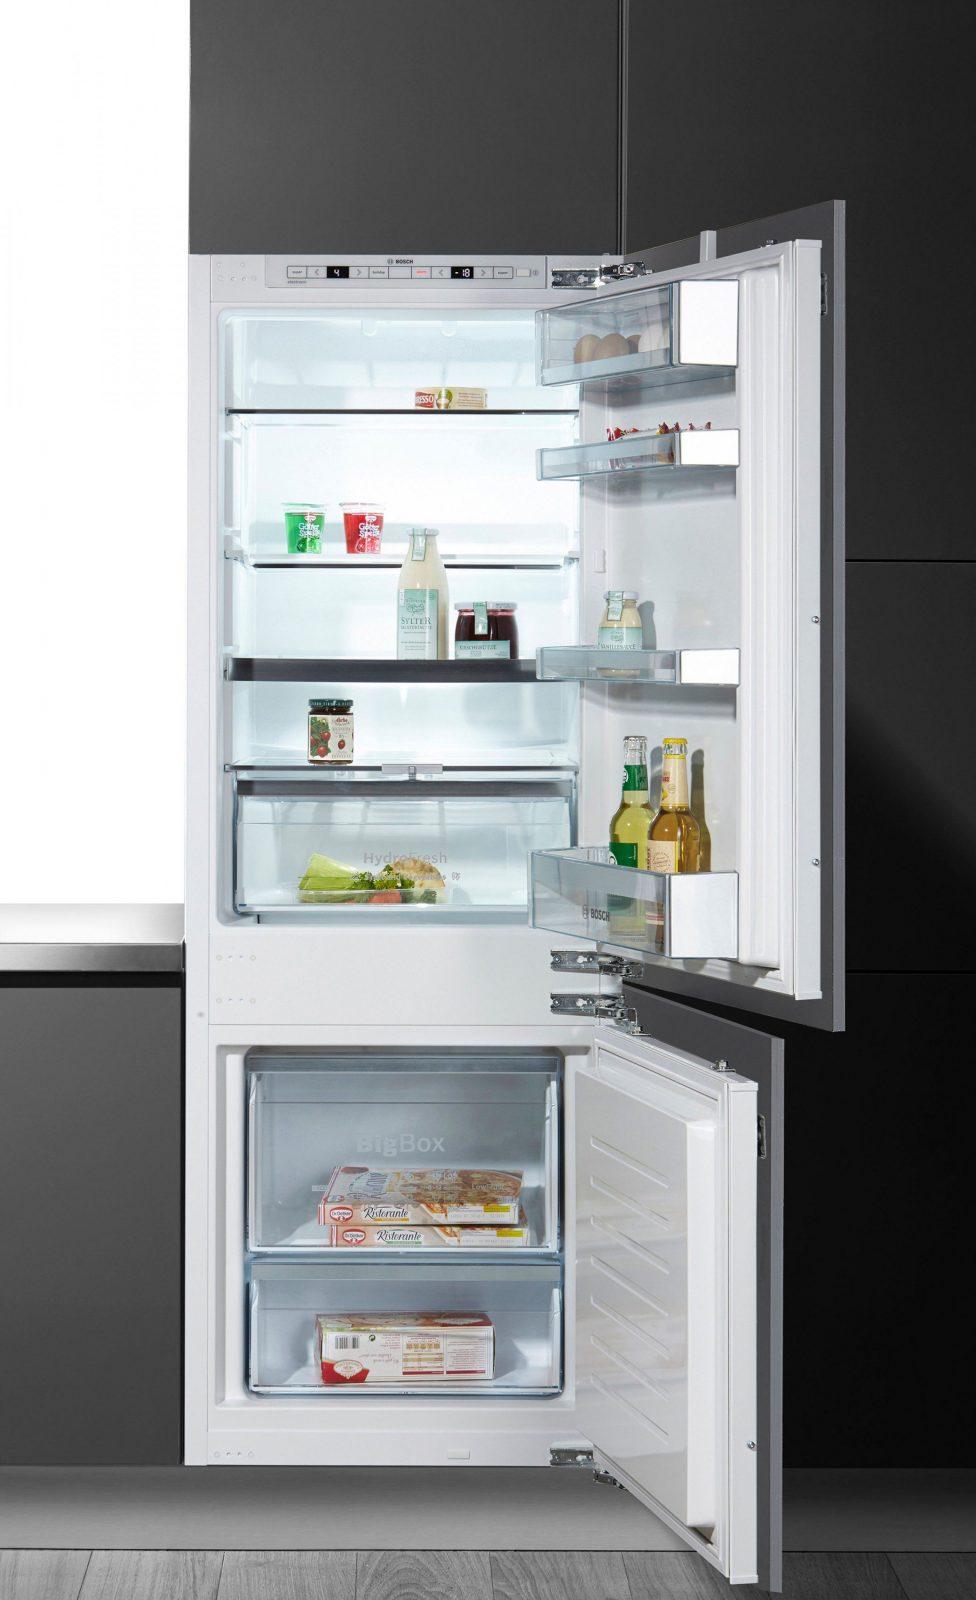 Bosch Einbaukühlschrank 1578 Cm Hoch 545 Cm Breit  Baur von Kühlkombination 50 Cm Breit Bild